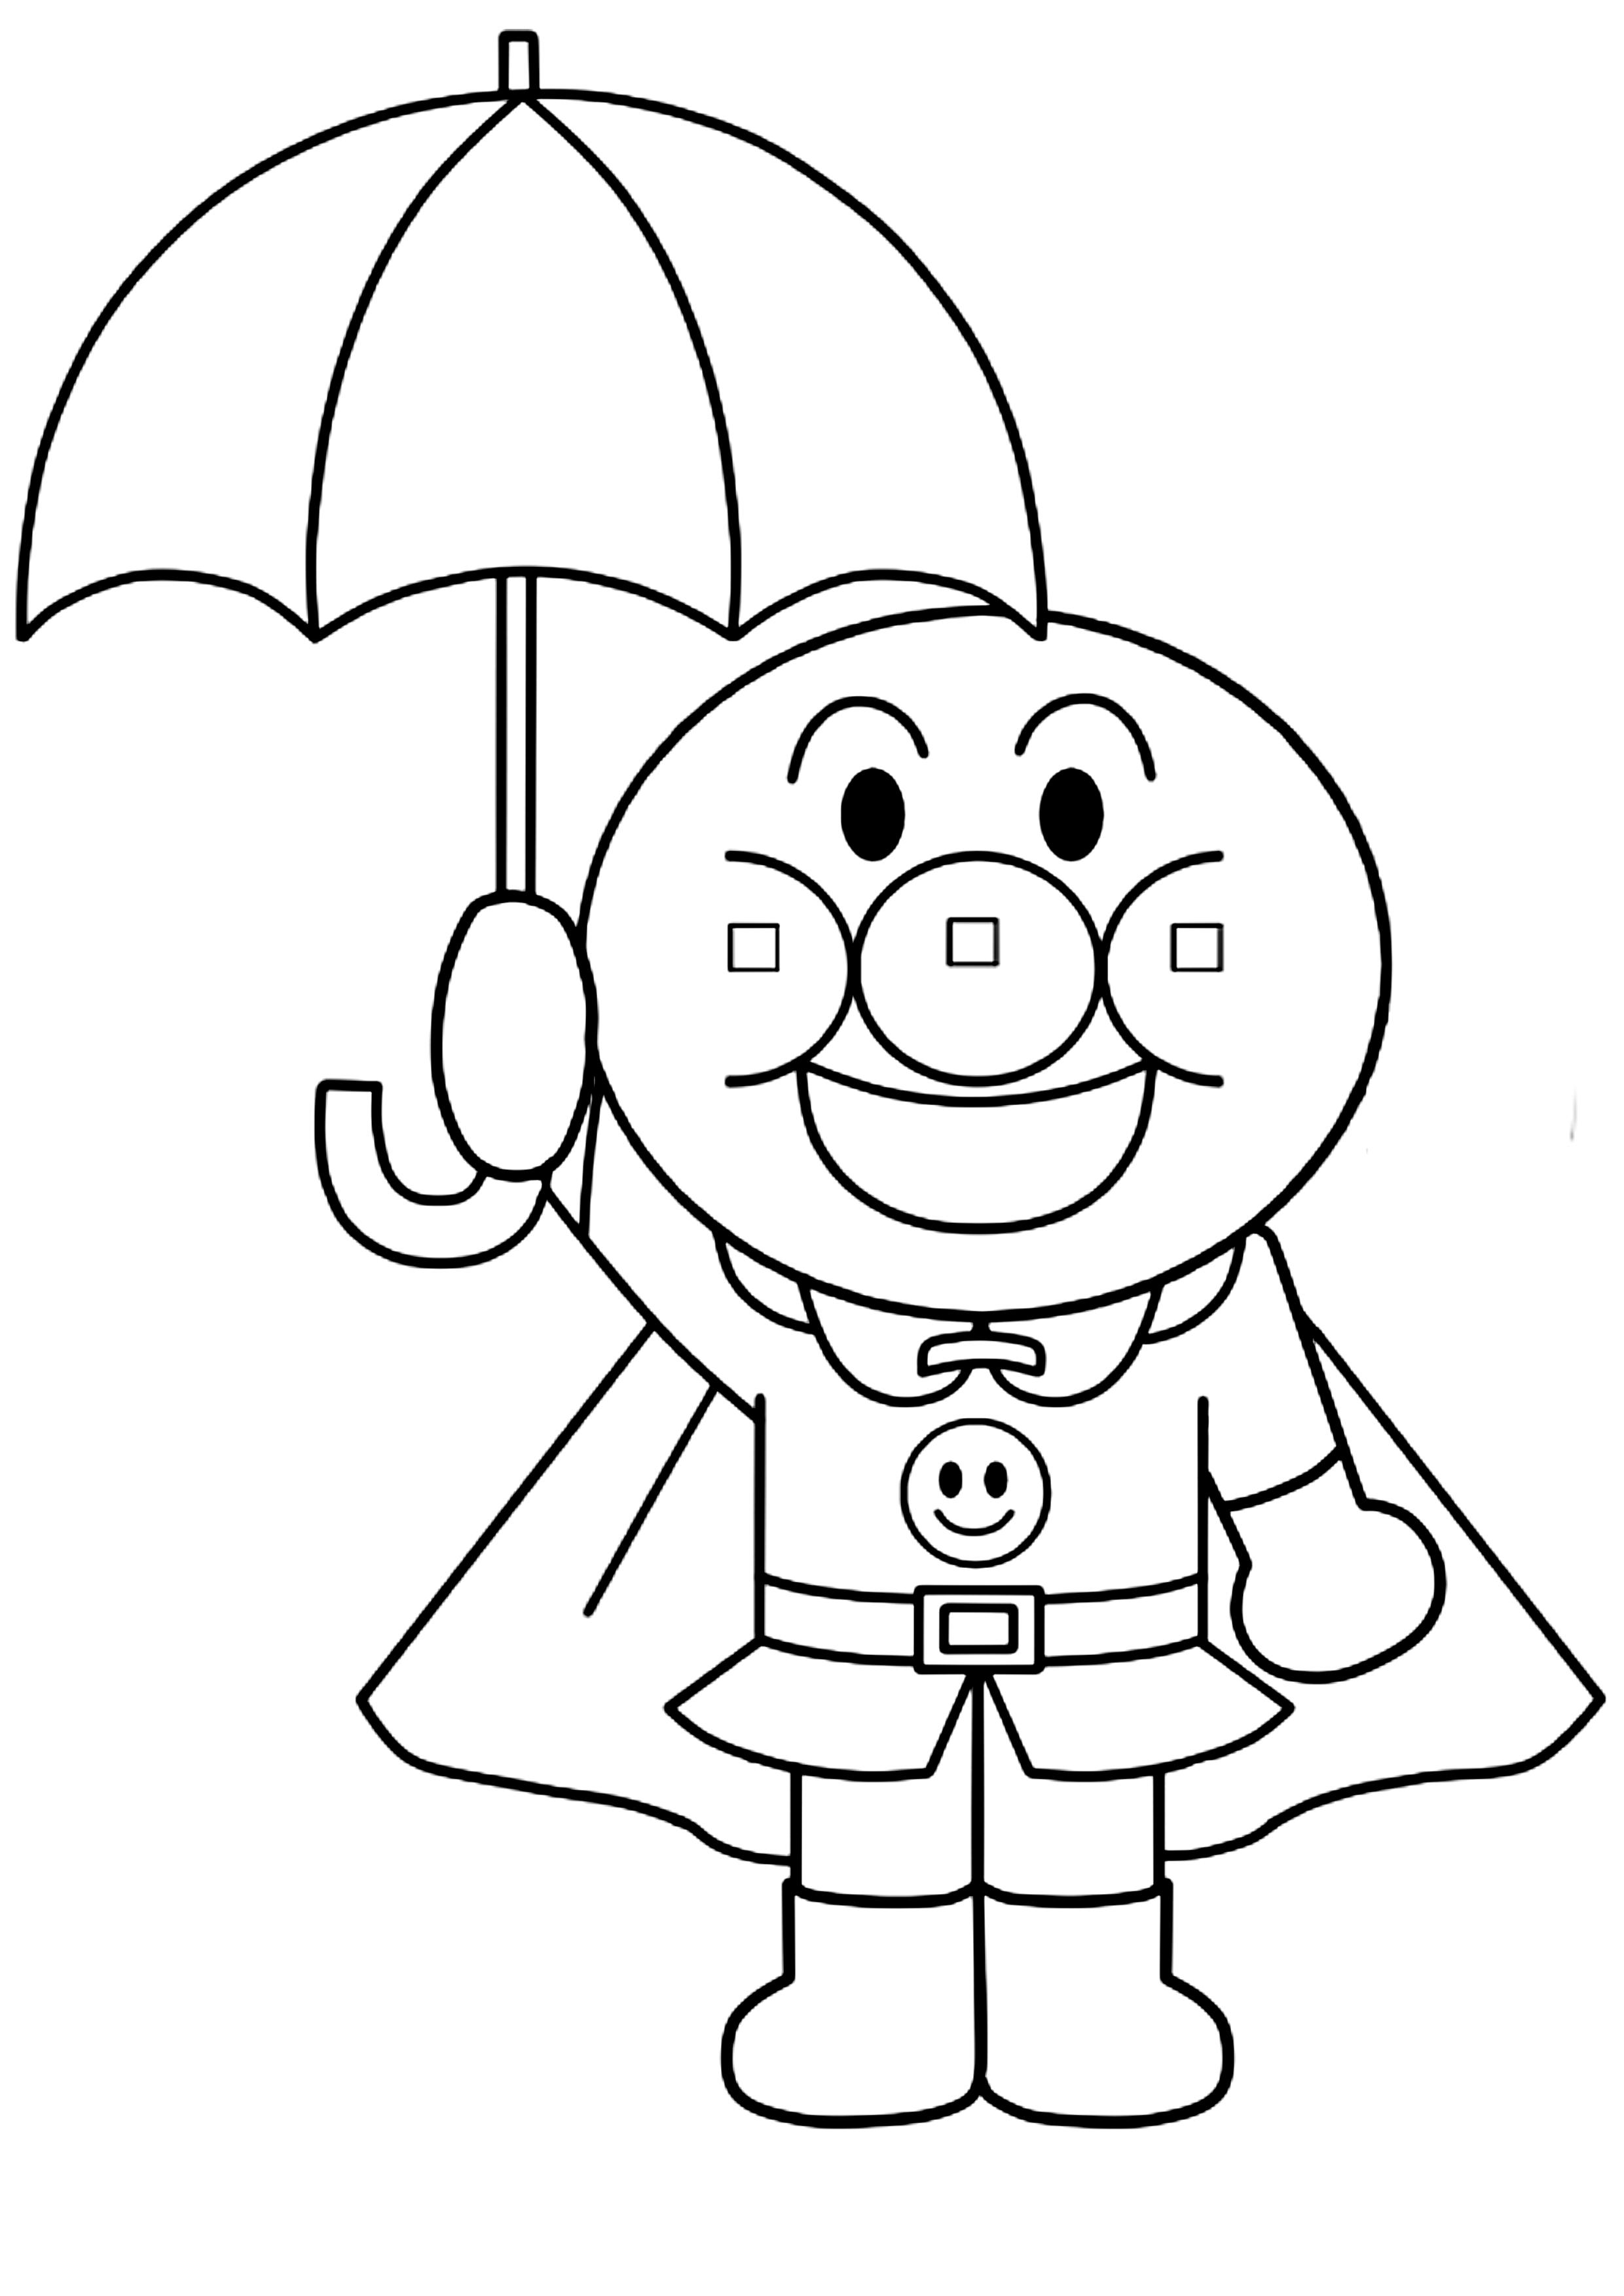 アンパンマン風ぬりえの雨の日イラスト 無料ダウンロード・印刷